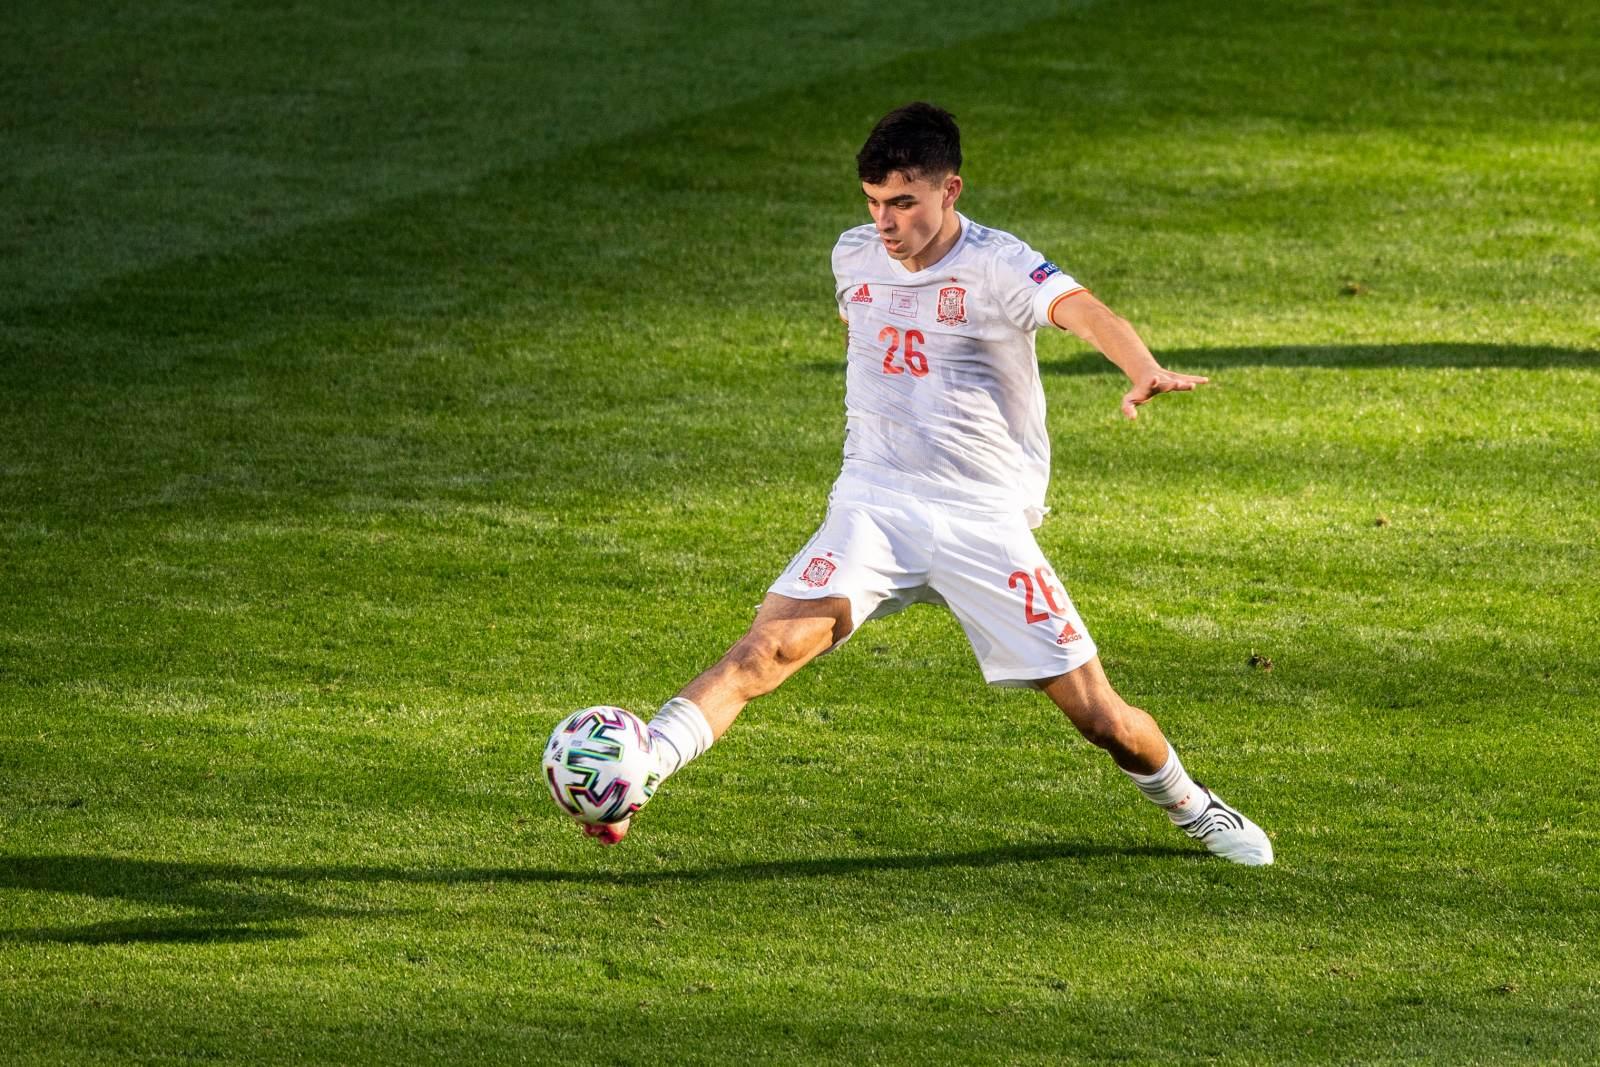 Педри - лучший молодой игрок Евро-2020